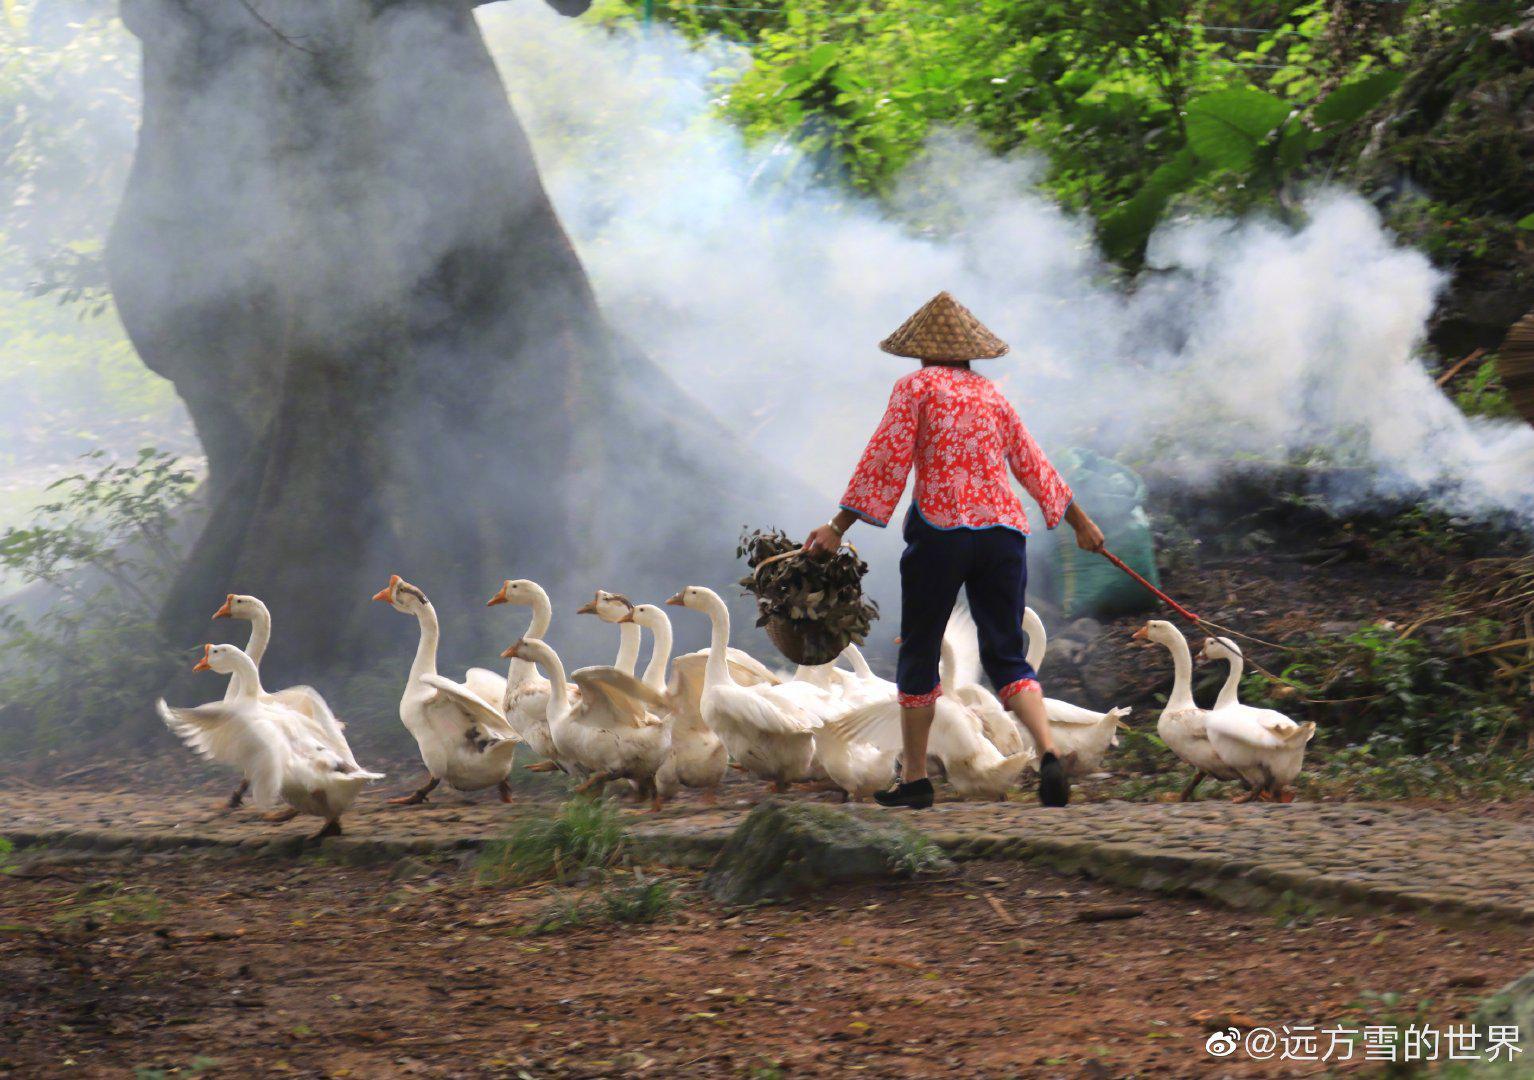 福建霞浦杨家溪,八百年古榕树下,烟火师卖力地点起烟饼…………